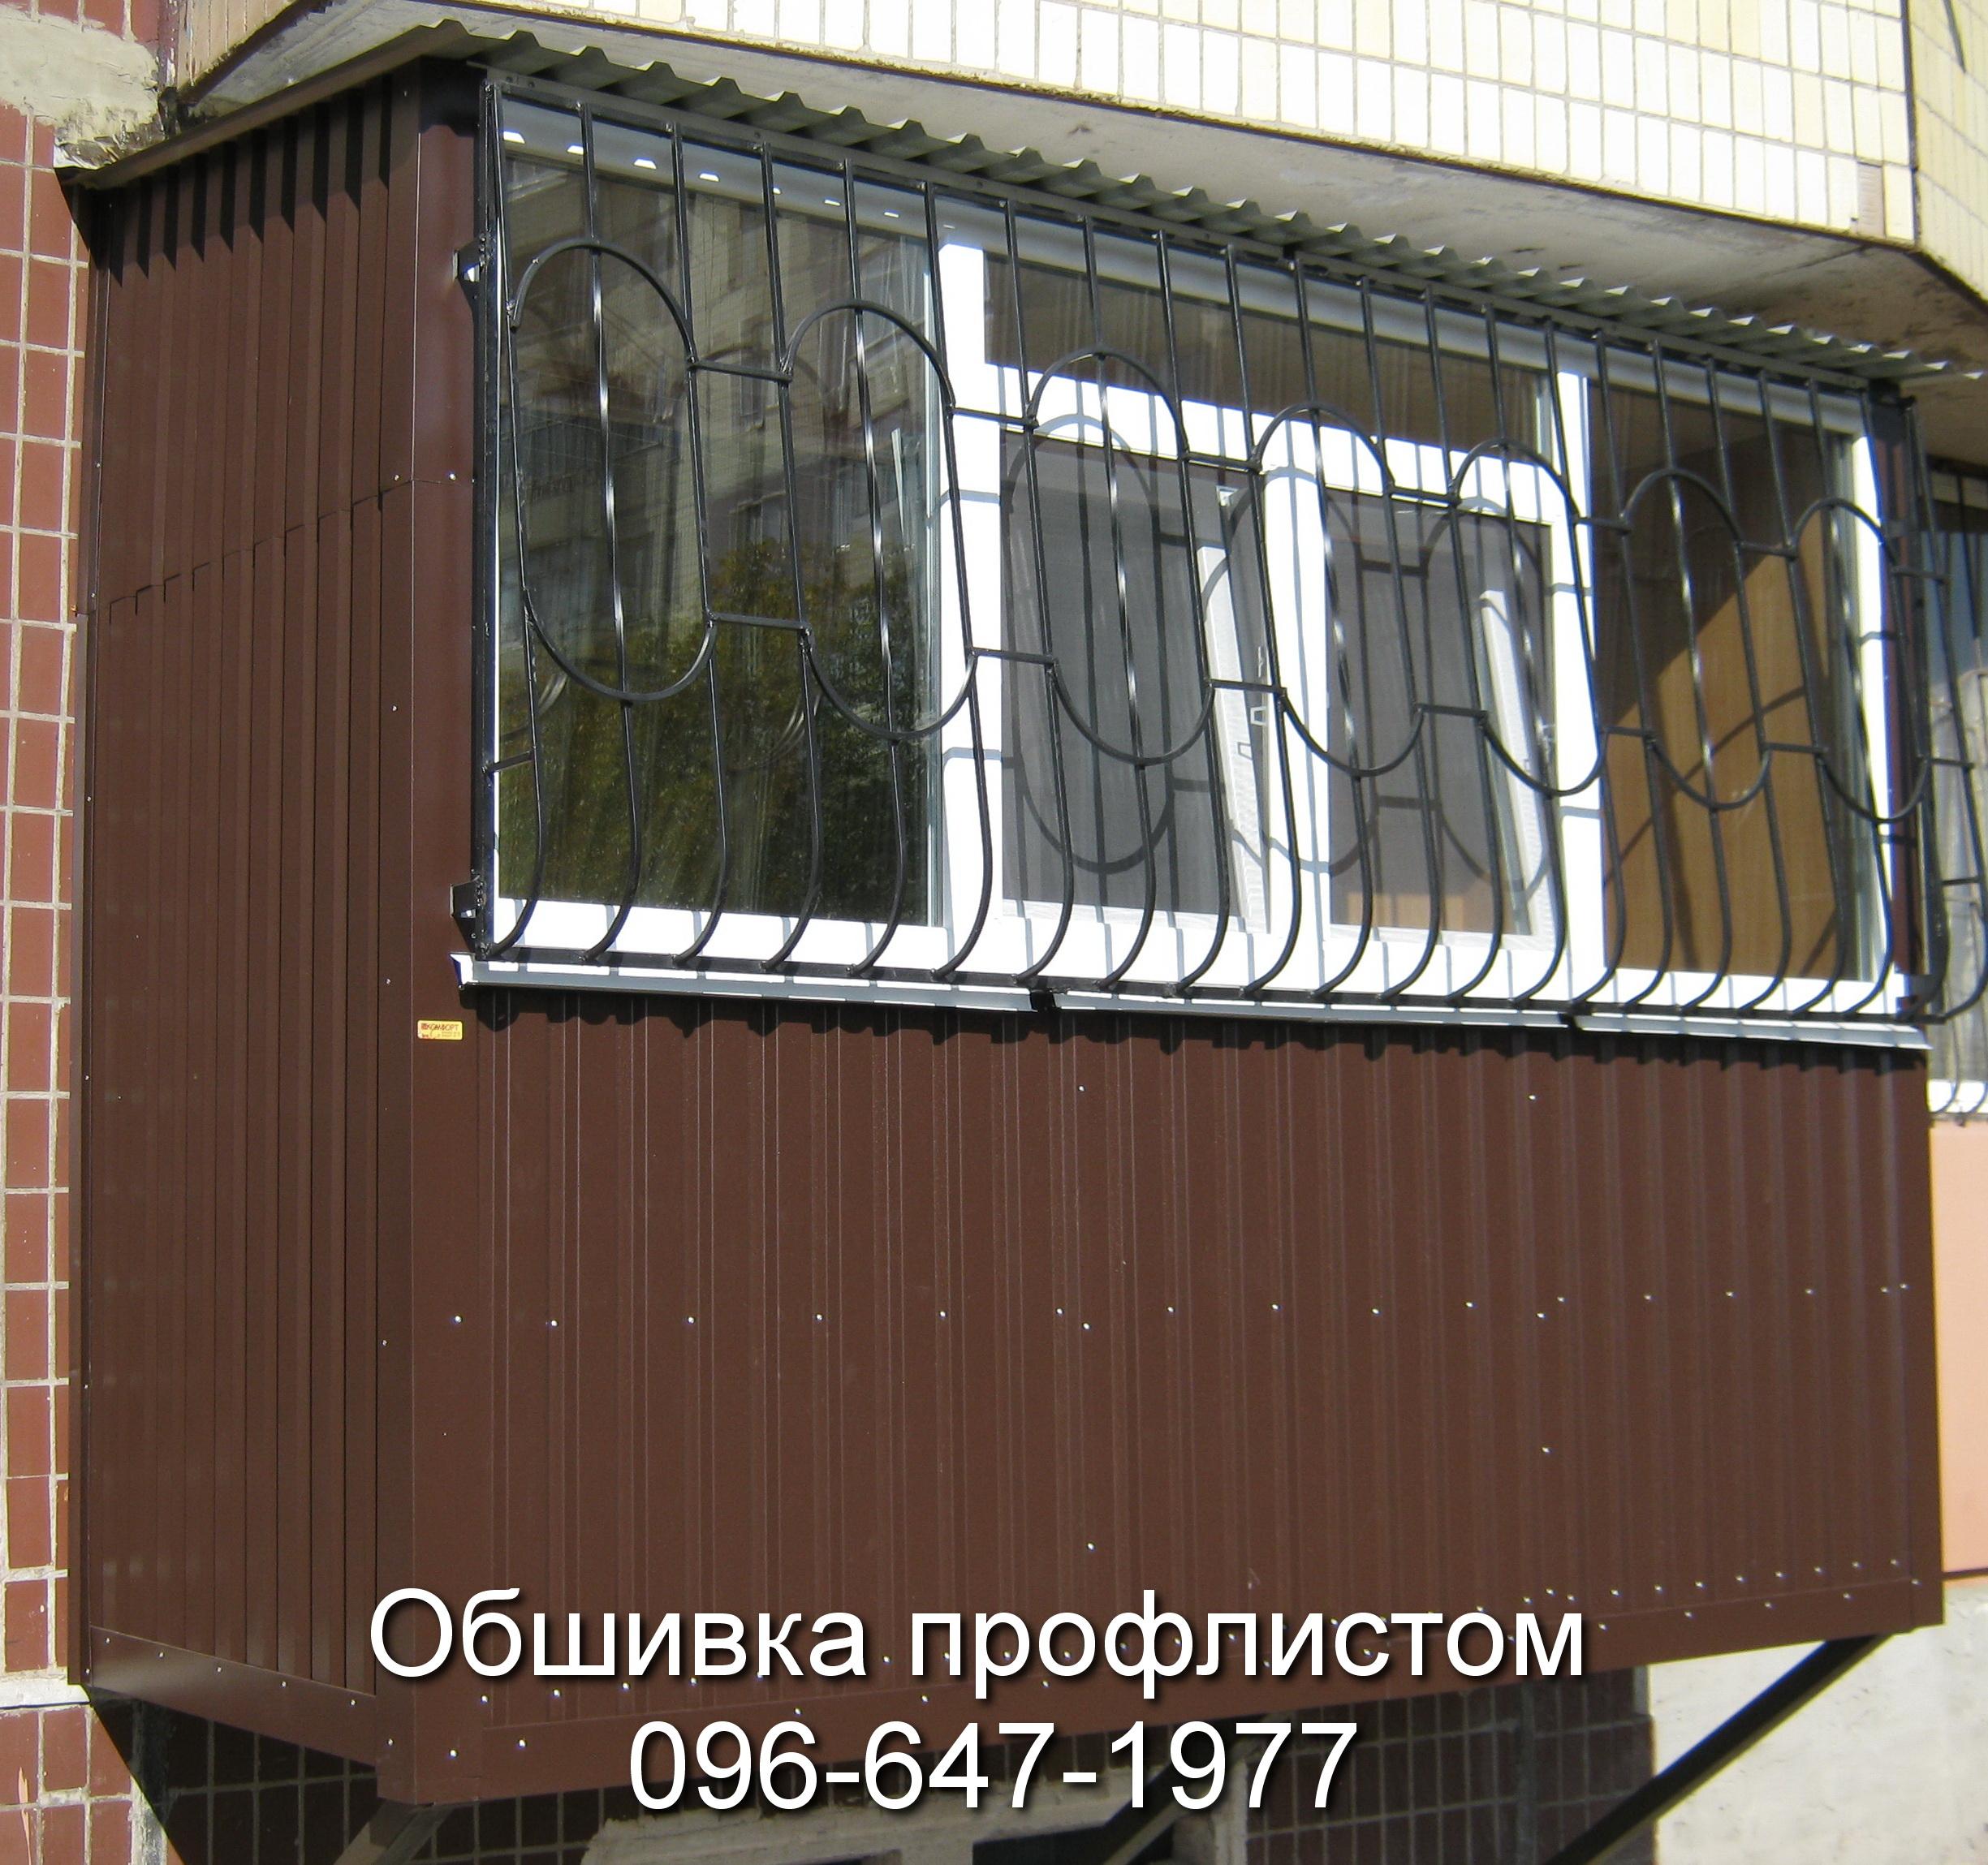 obshivka proflistom (44)